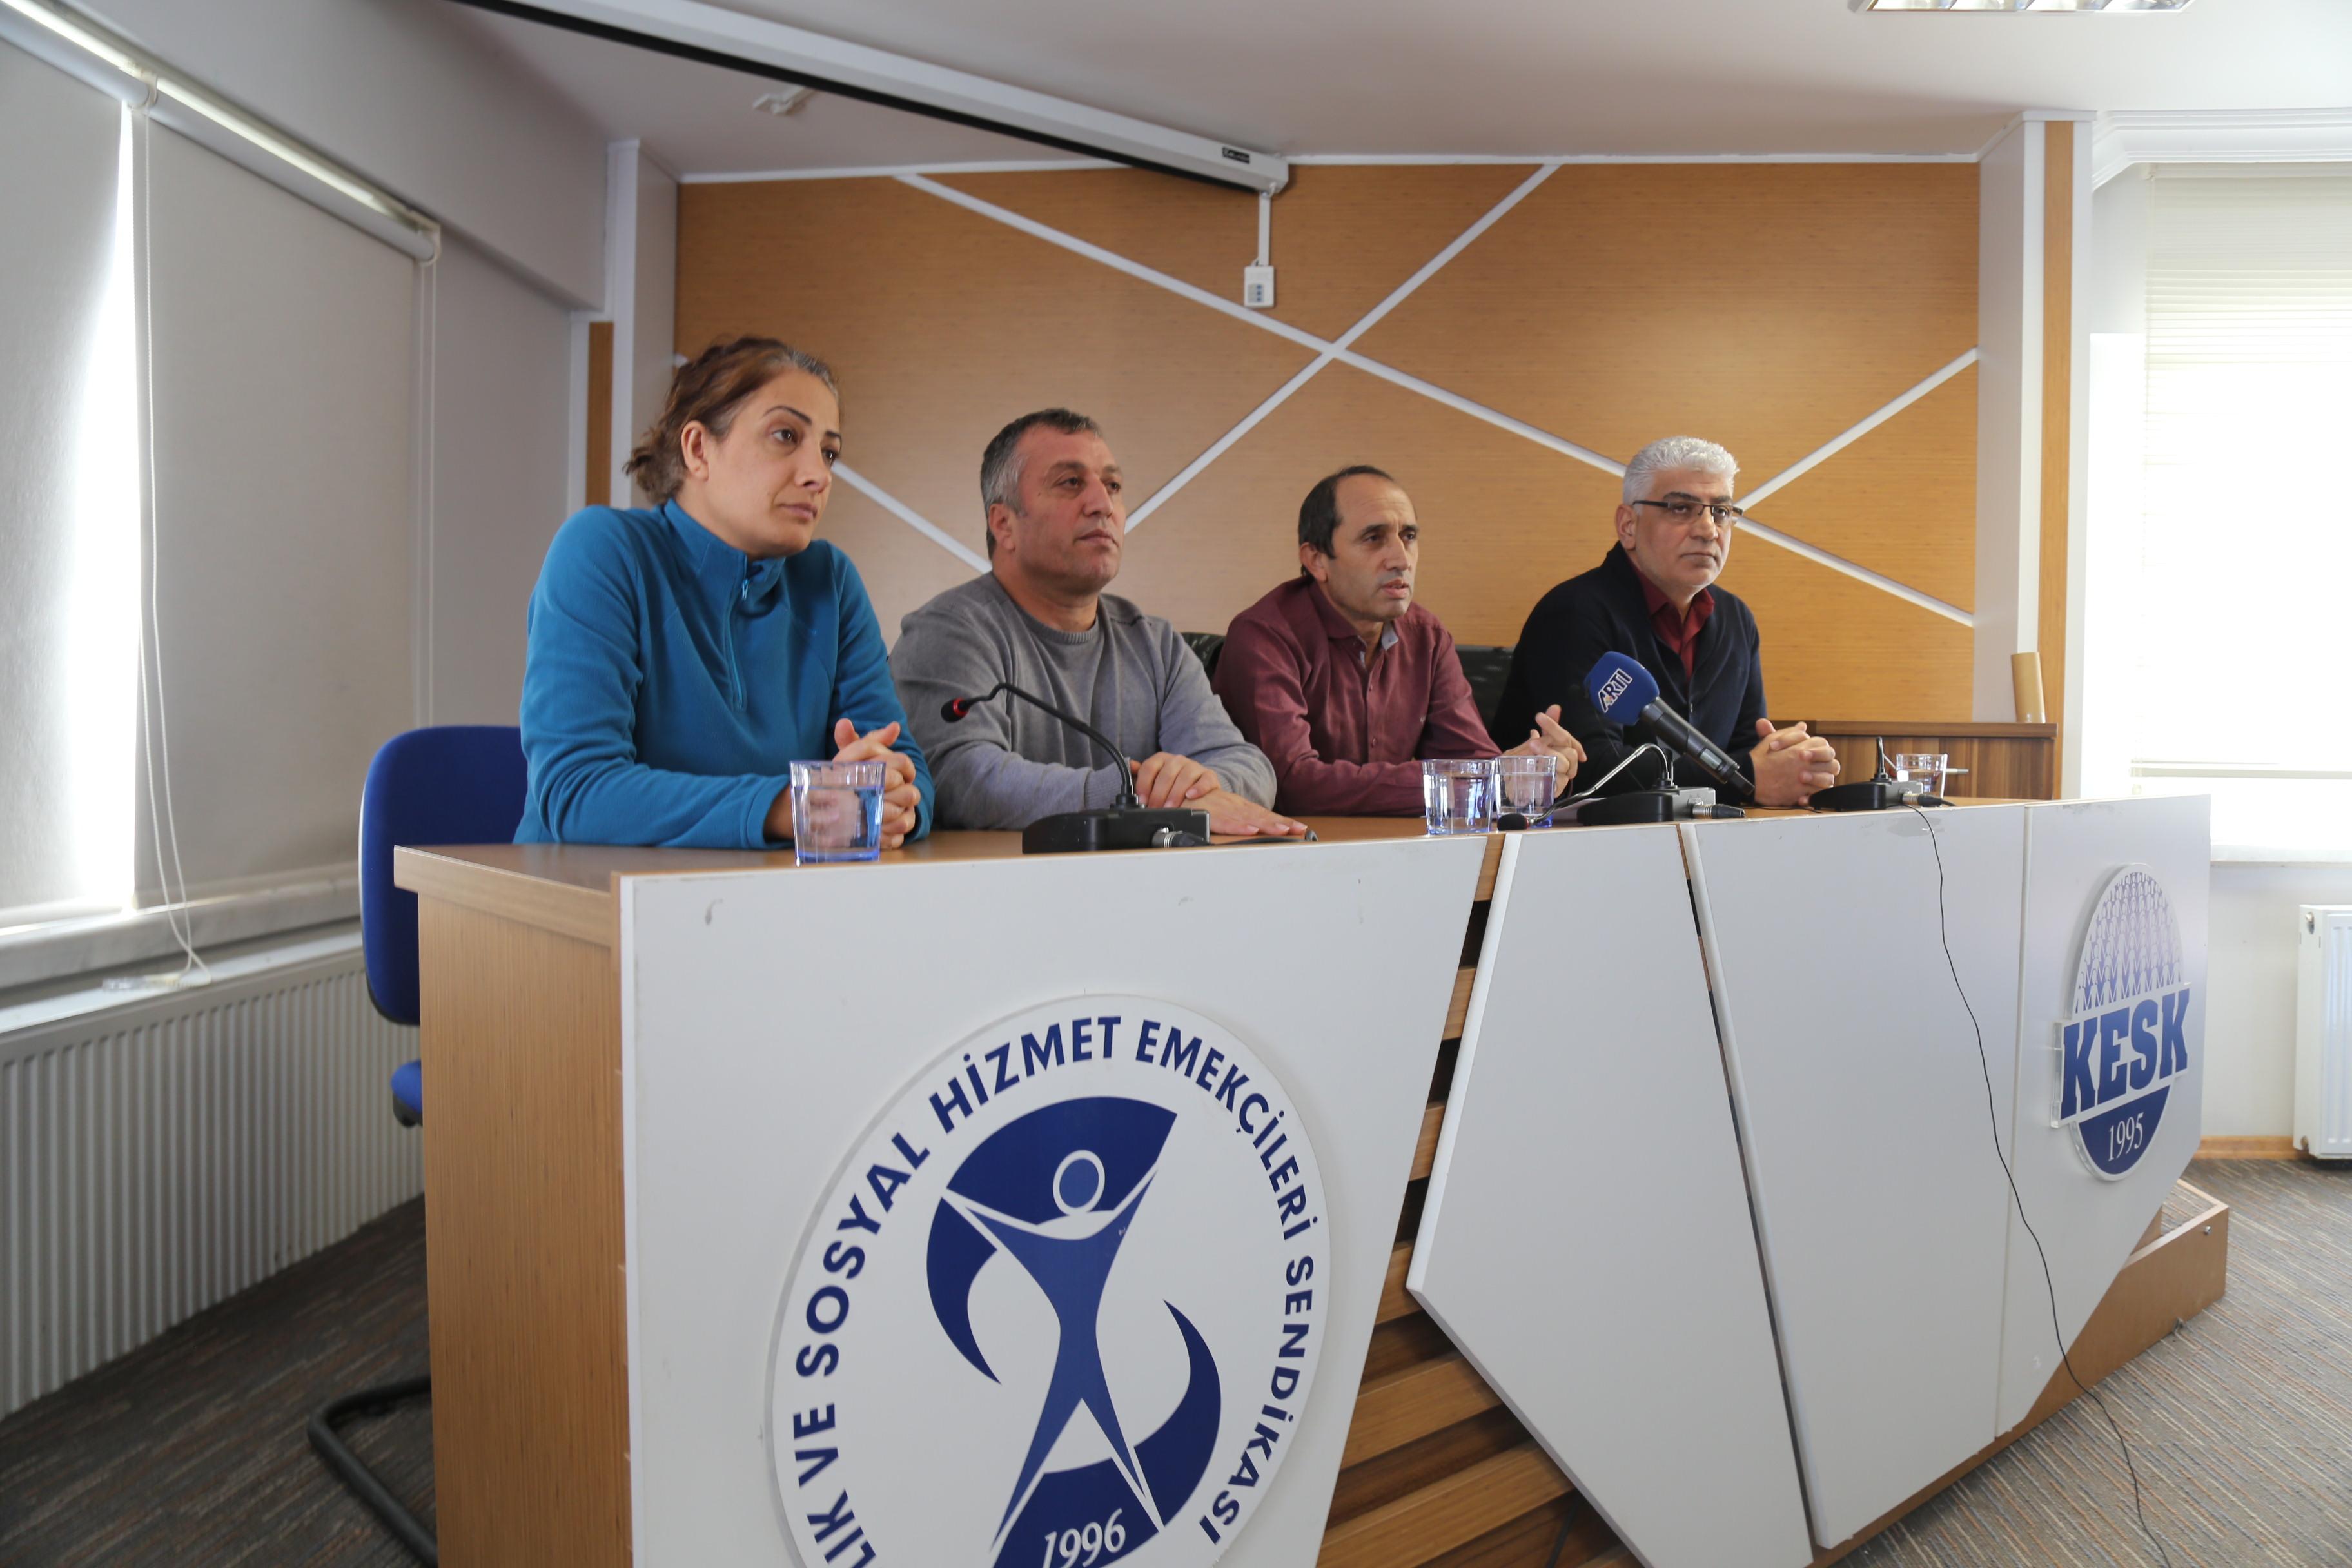 KESK: Gözaltına Alınan Arkadaşlarımız Derhal Serbest Bırakılmalıdır!